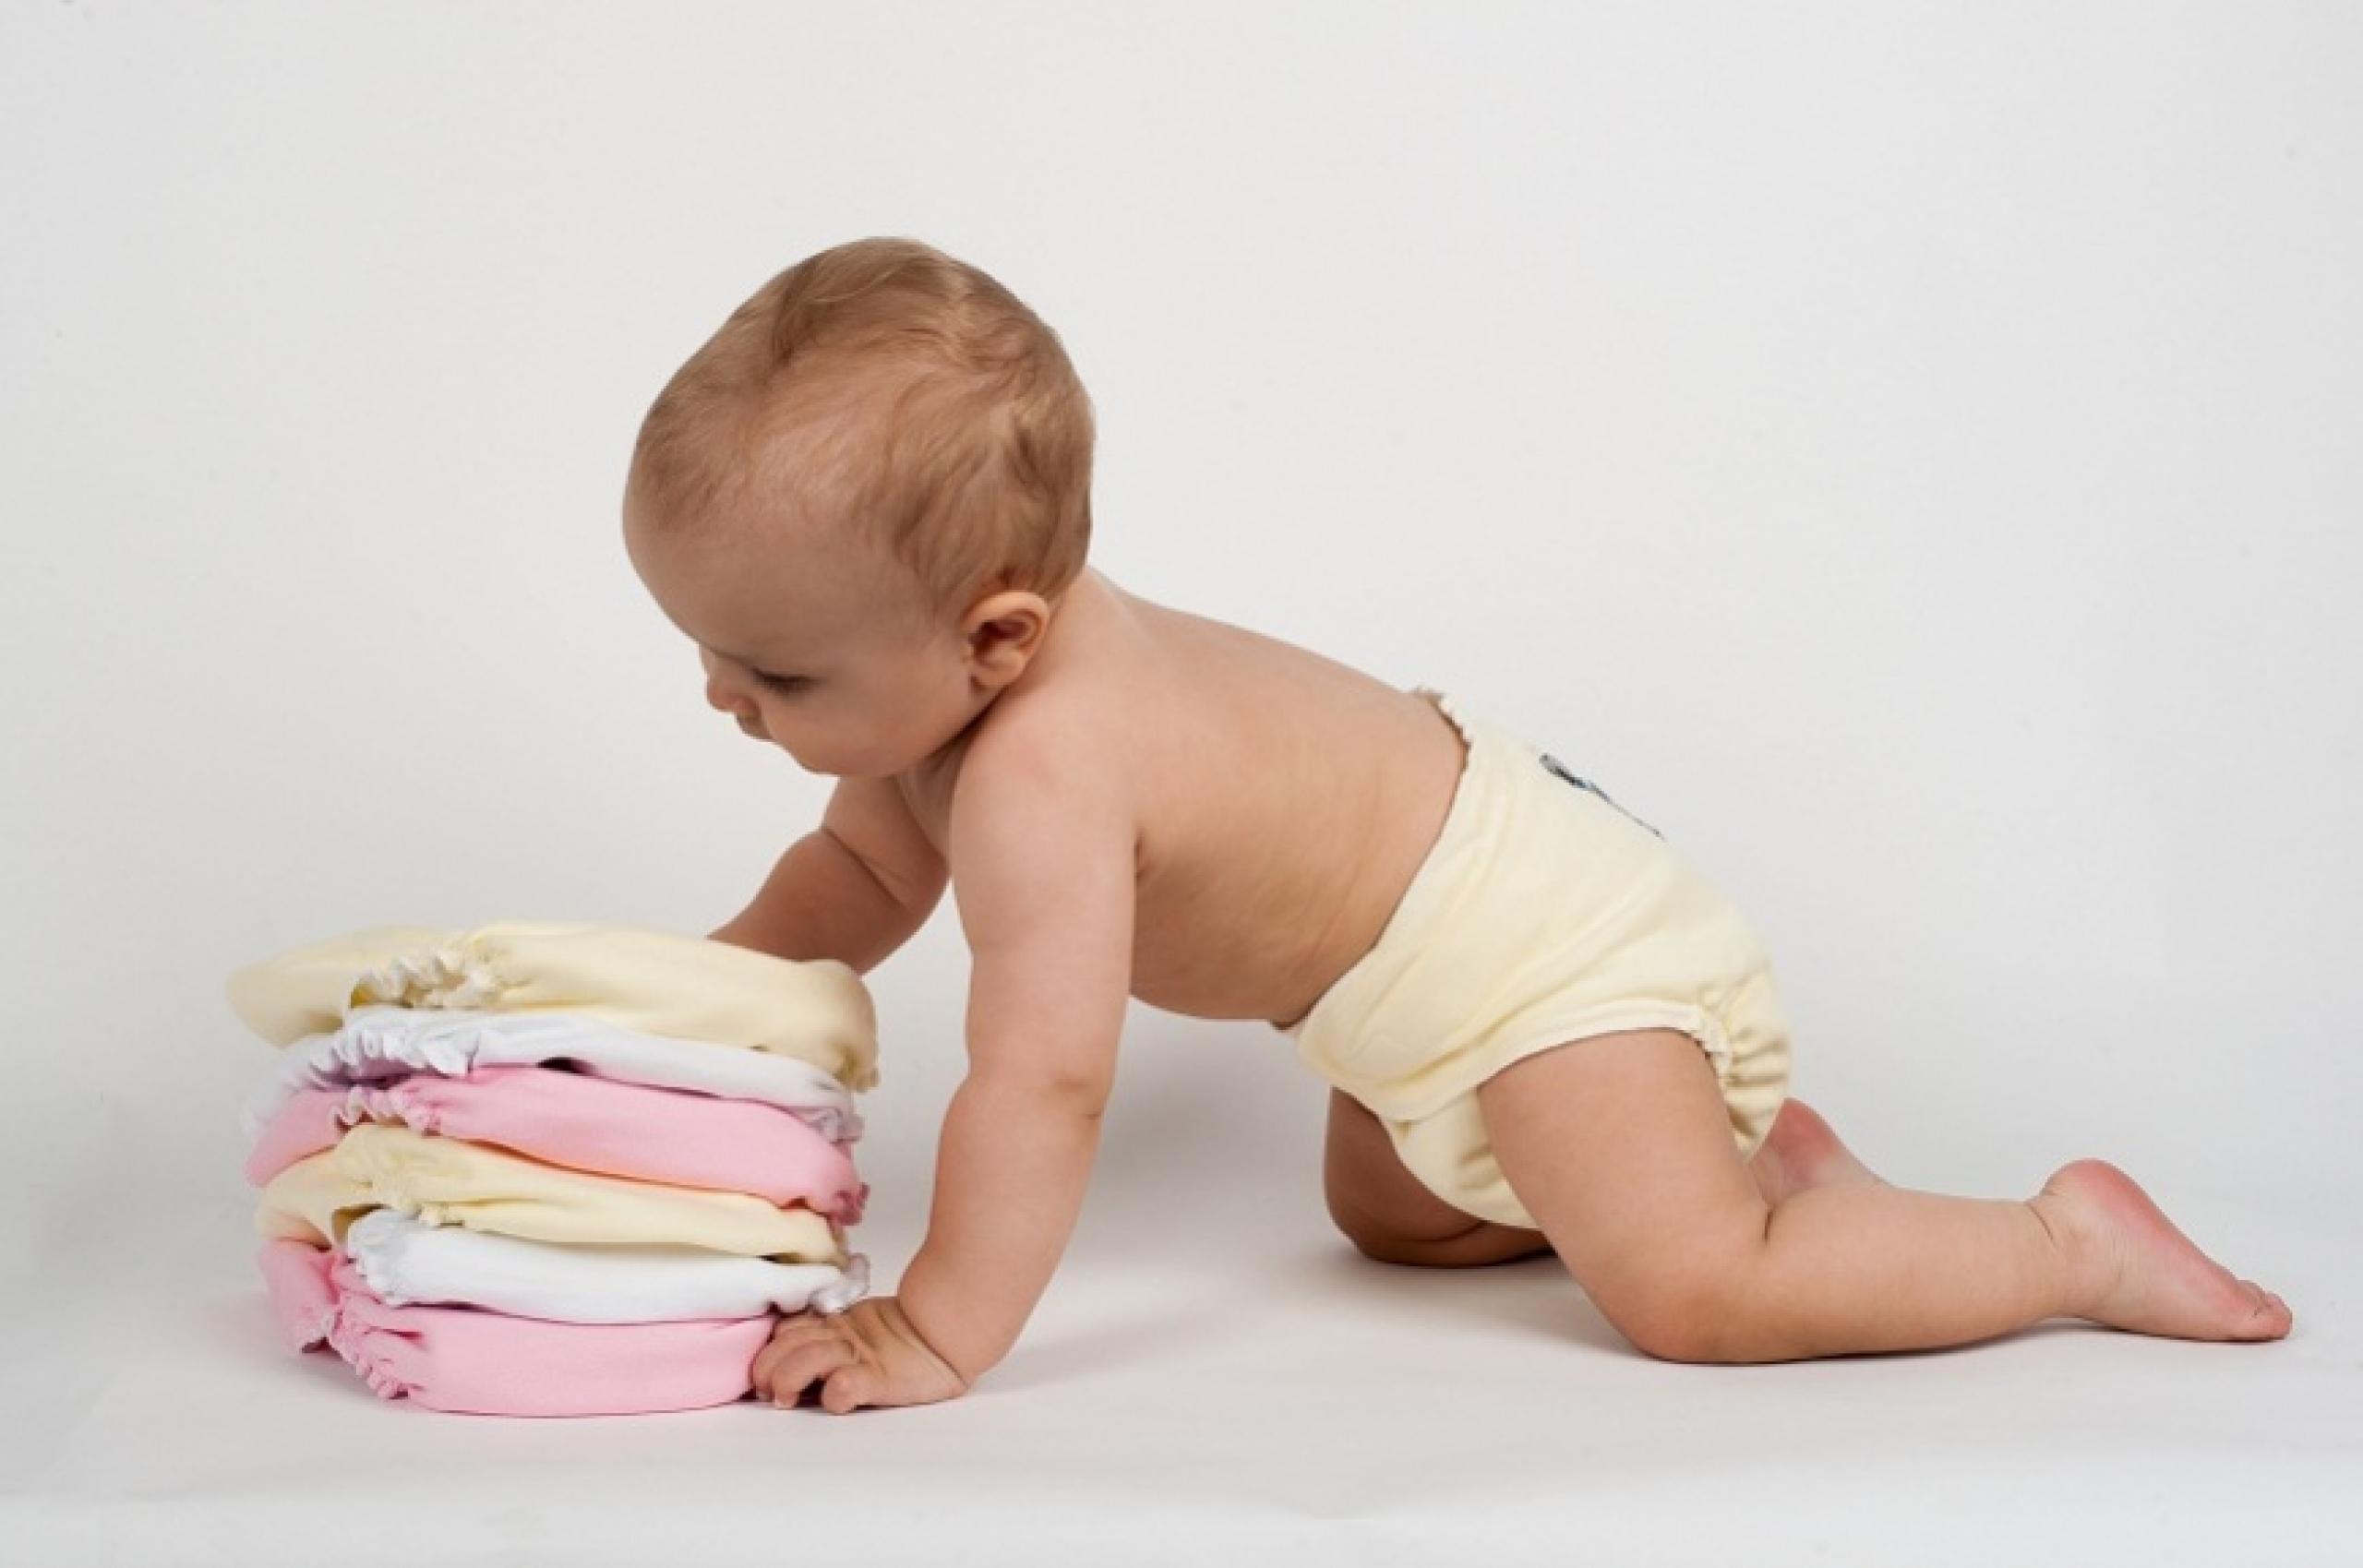 Памперс на ребенке фото